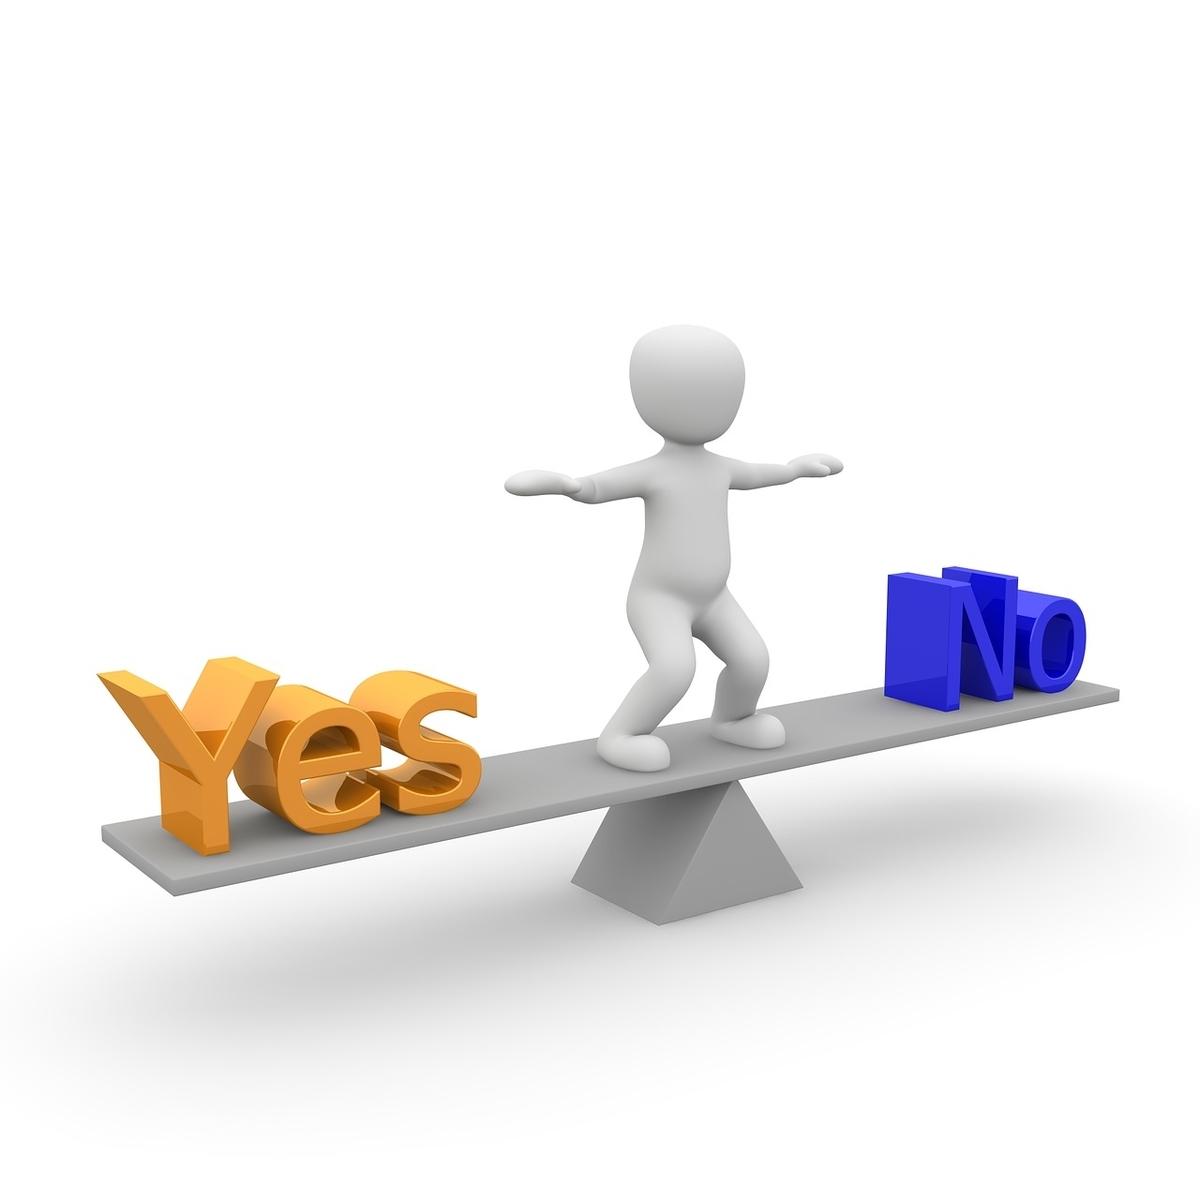 ノコギリヤシはAGAに効果あり、それとも効果なし?